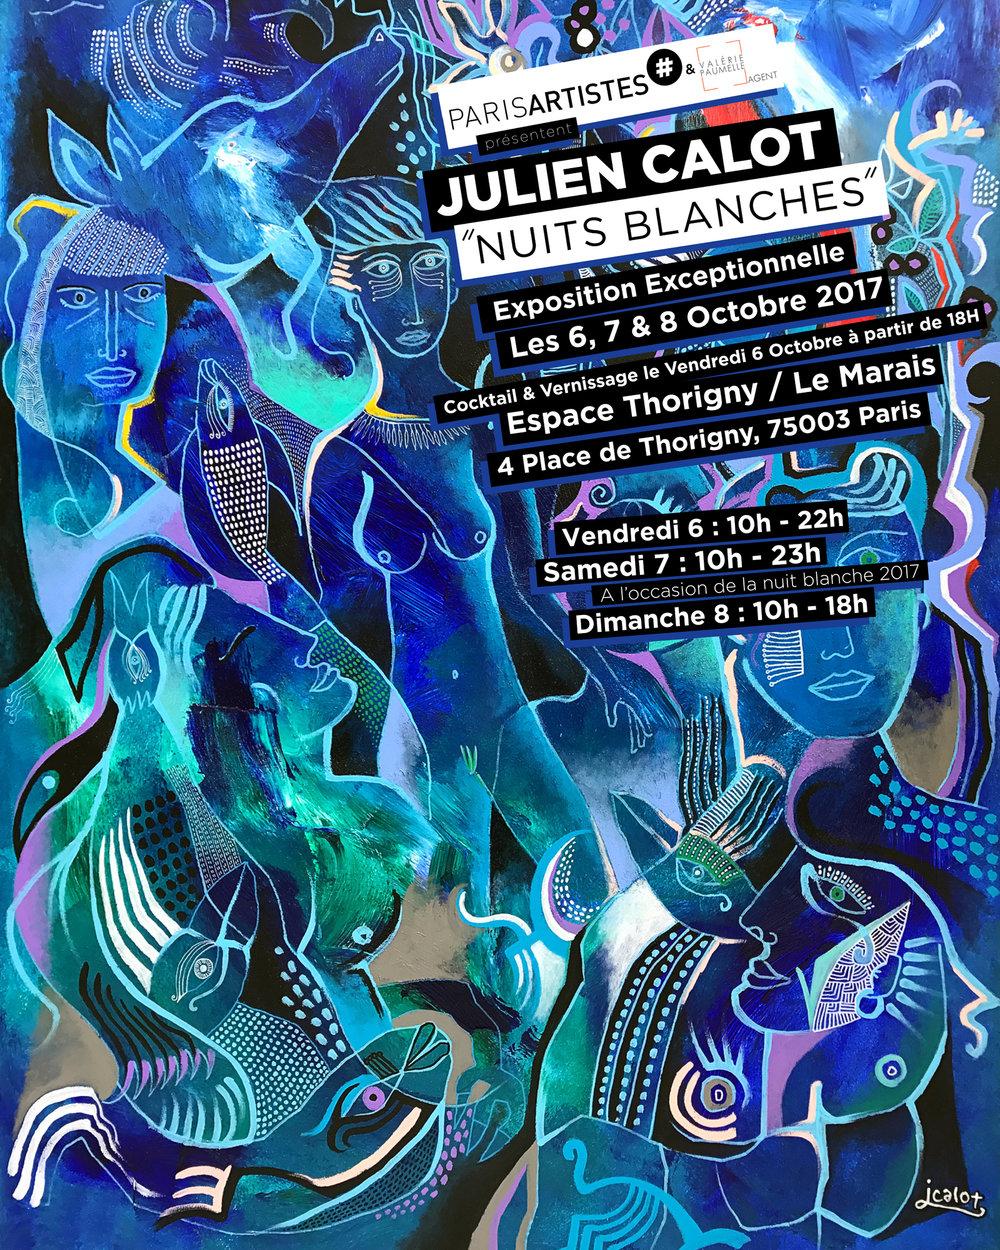 Julien-Calot-Valerie-Paumelle-Nuits-Blanches-2017-exposition-paris.jpg